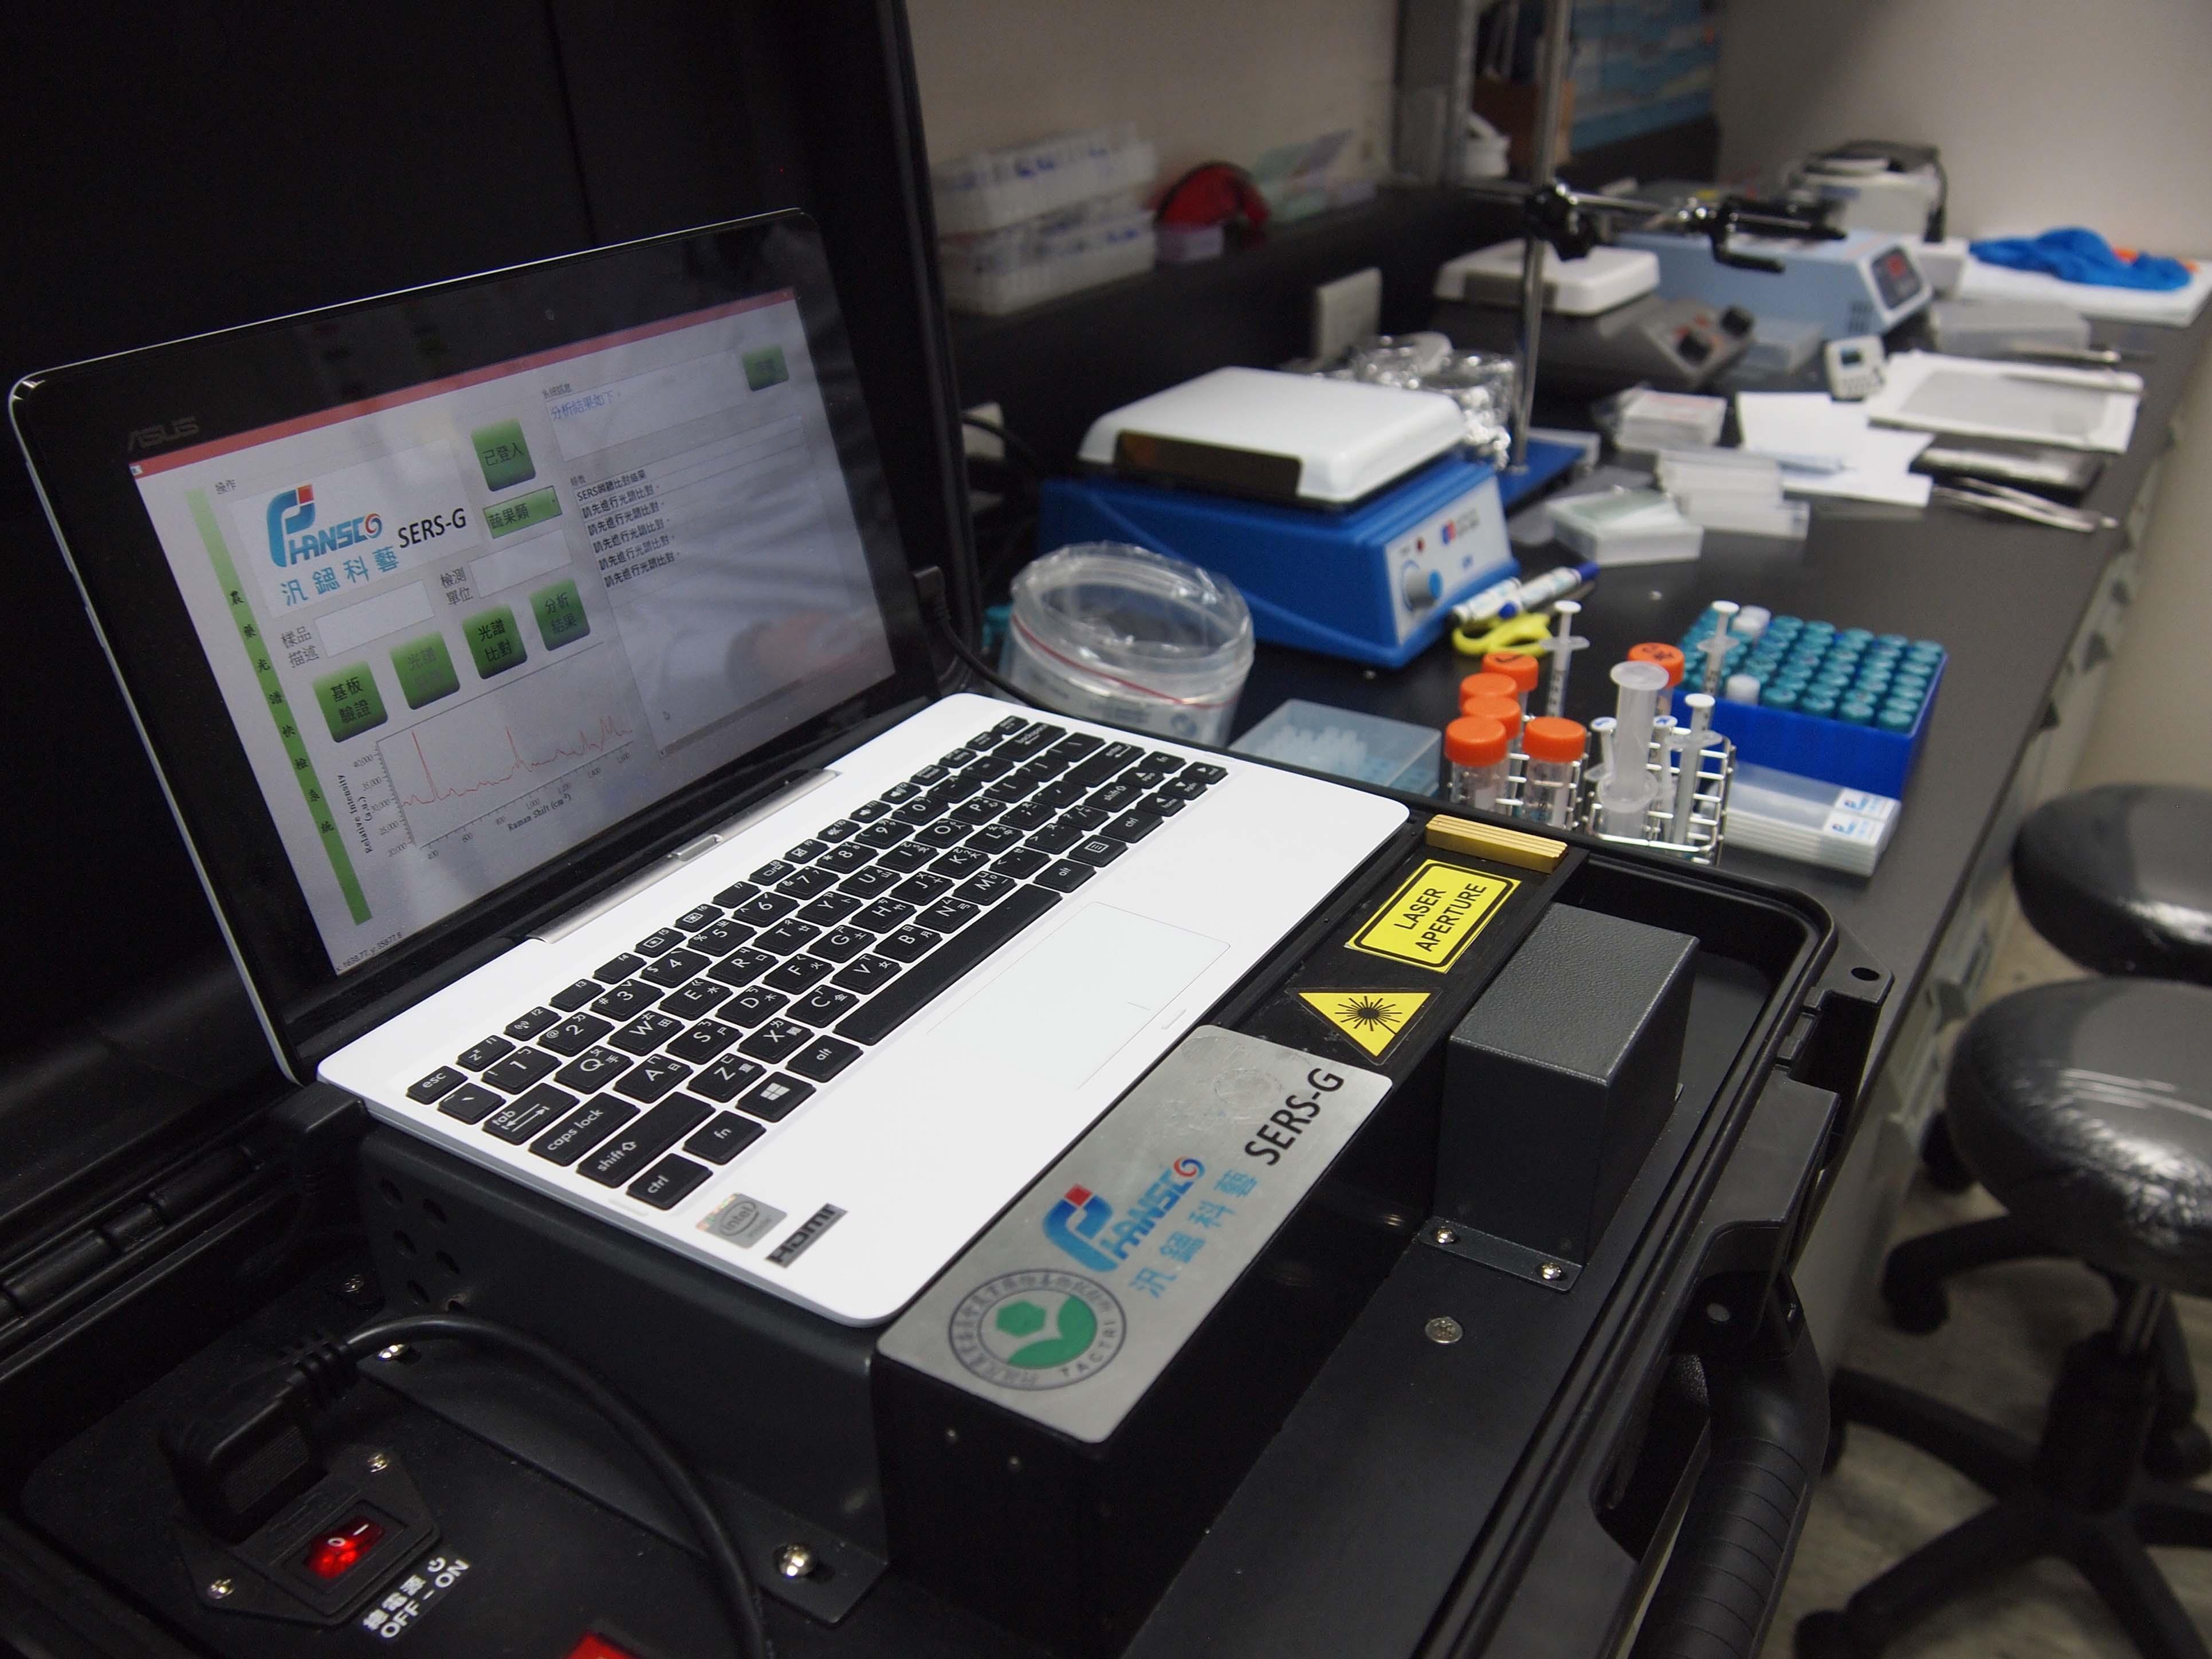 可攜式設計的拉曼光譜農藥檢測系統,不受場域限制,例如實驗室、加工產線及產地現場皆能進行即時檢測